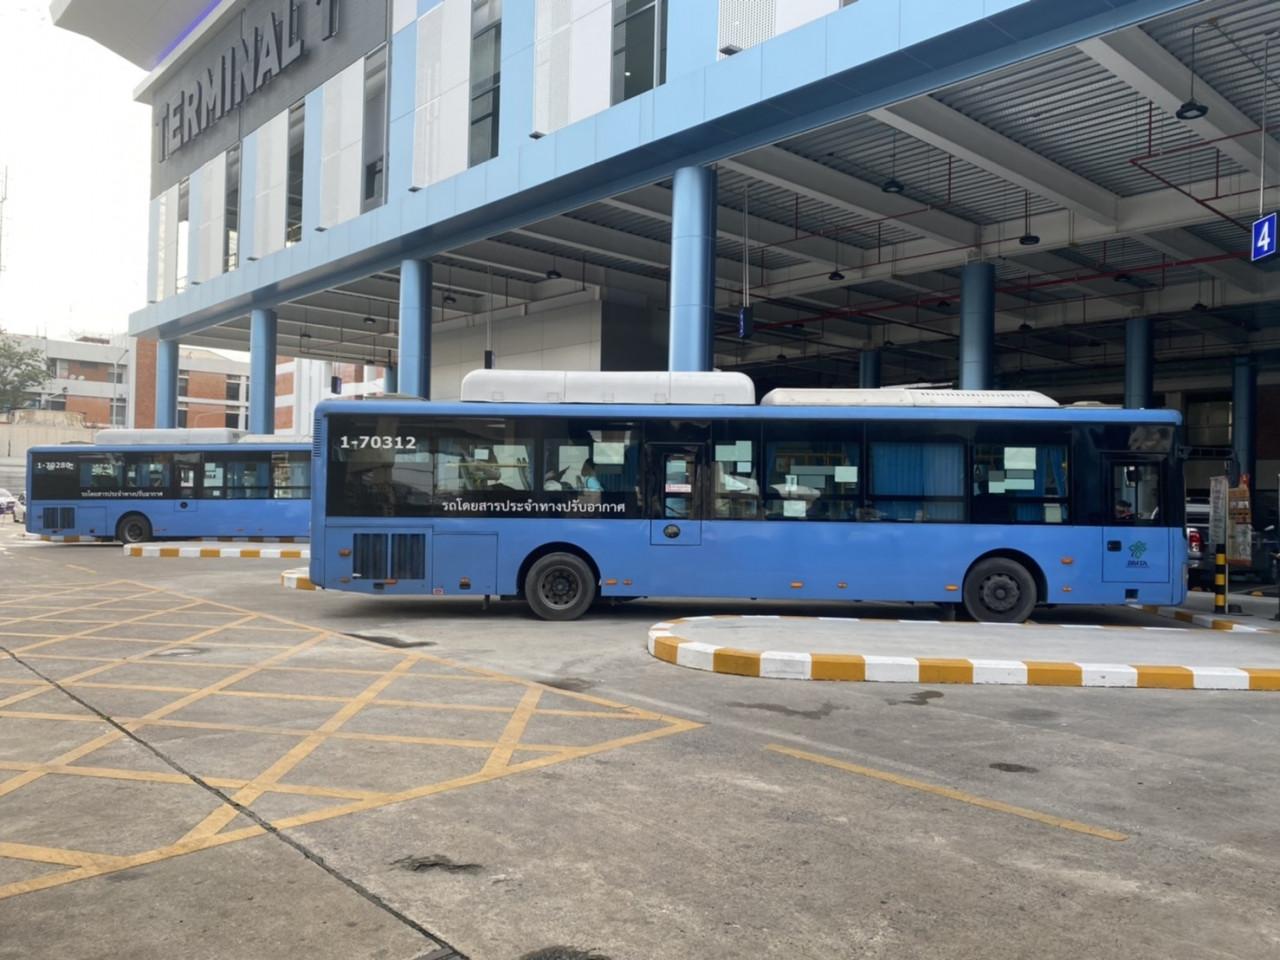 รูปบทความ เช็คจุดจอดรถเมล์ A1-A4 ในสนามบินดอนเมือง จอดที่ไหน อัพเดท 2020